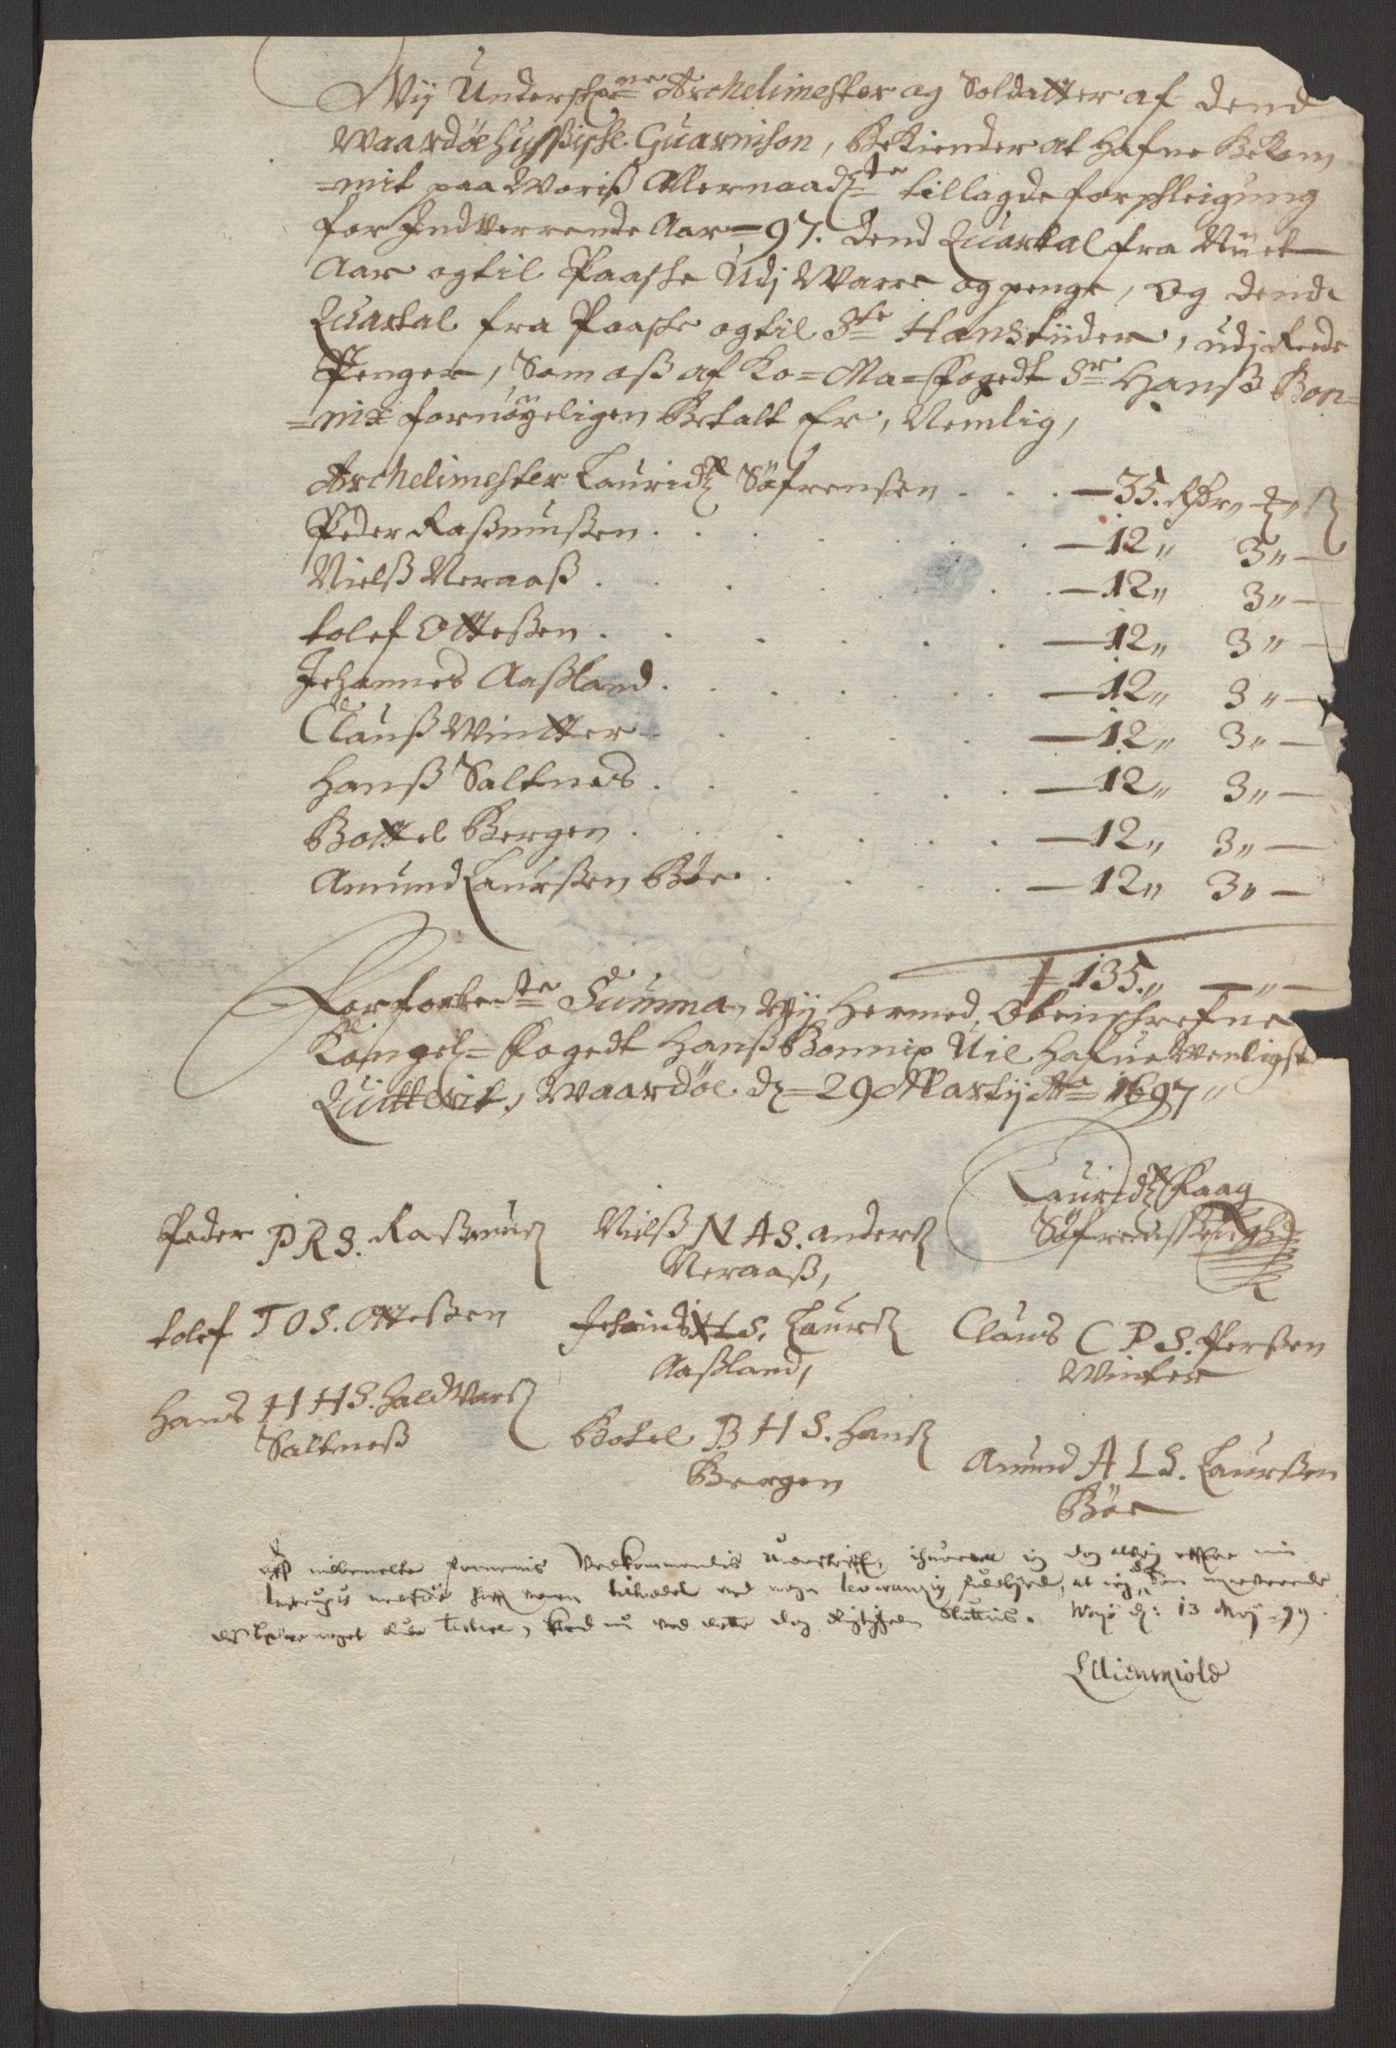 RA, Rentekammeret inntil 1814, Reviderte regnskaper, Fogderegnskap, R69/L4851: Fogderegnskap Finnmark/Vardøhus, 1691-1700, s. 342